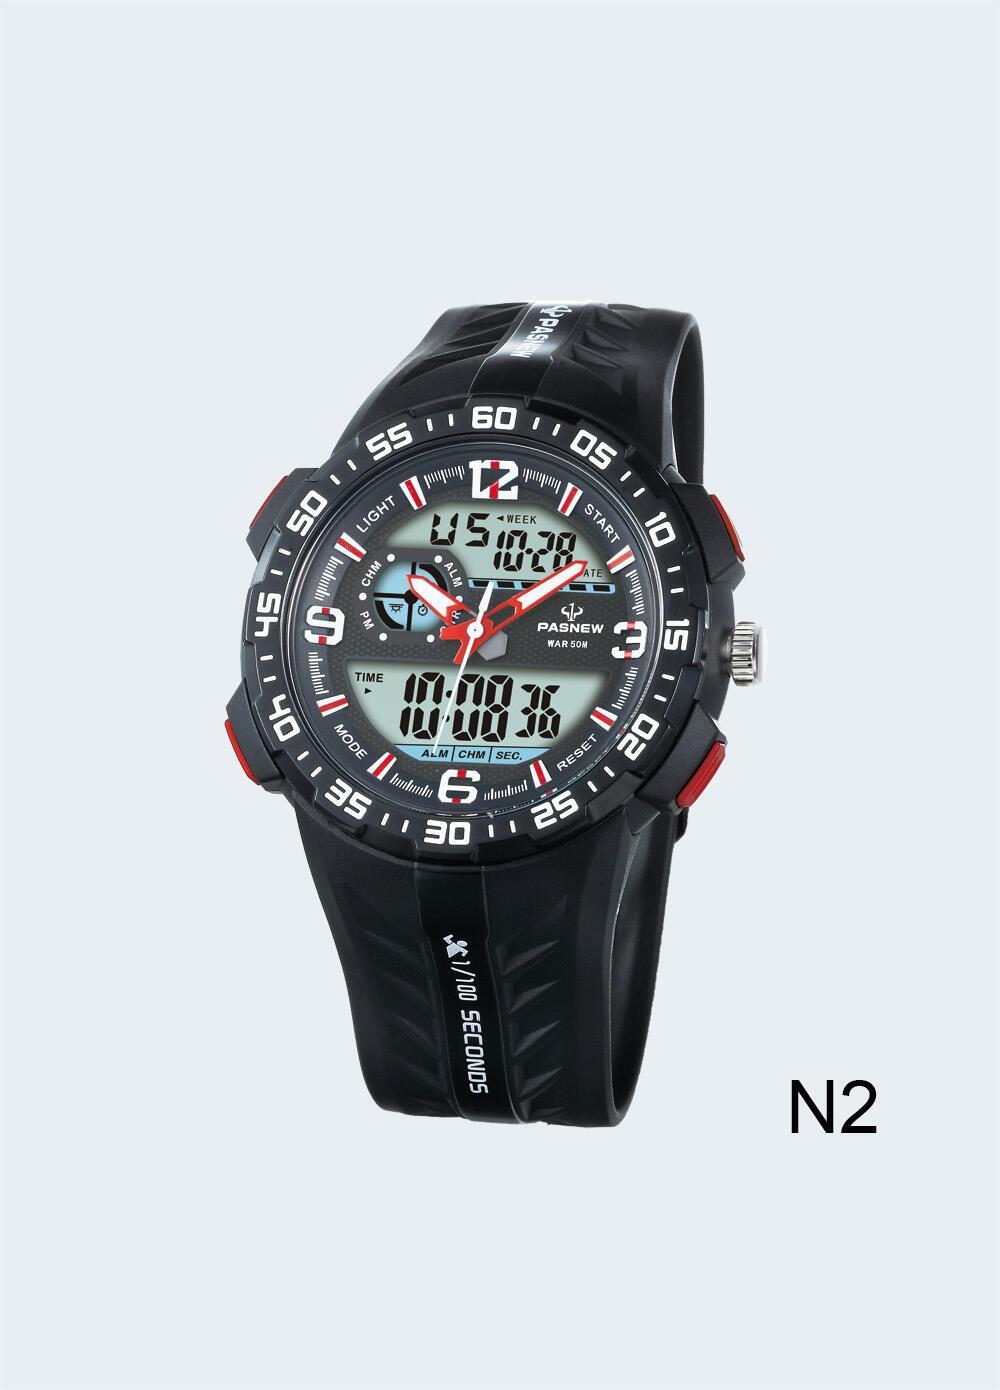 Đồng hồ thời trang nam/nữ PASNEW PSE-442A